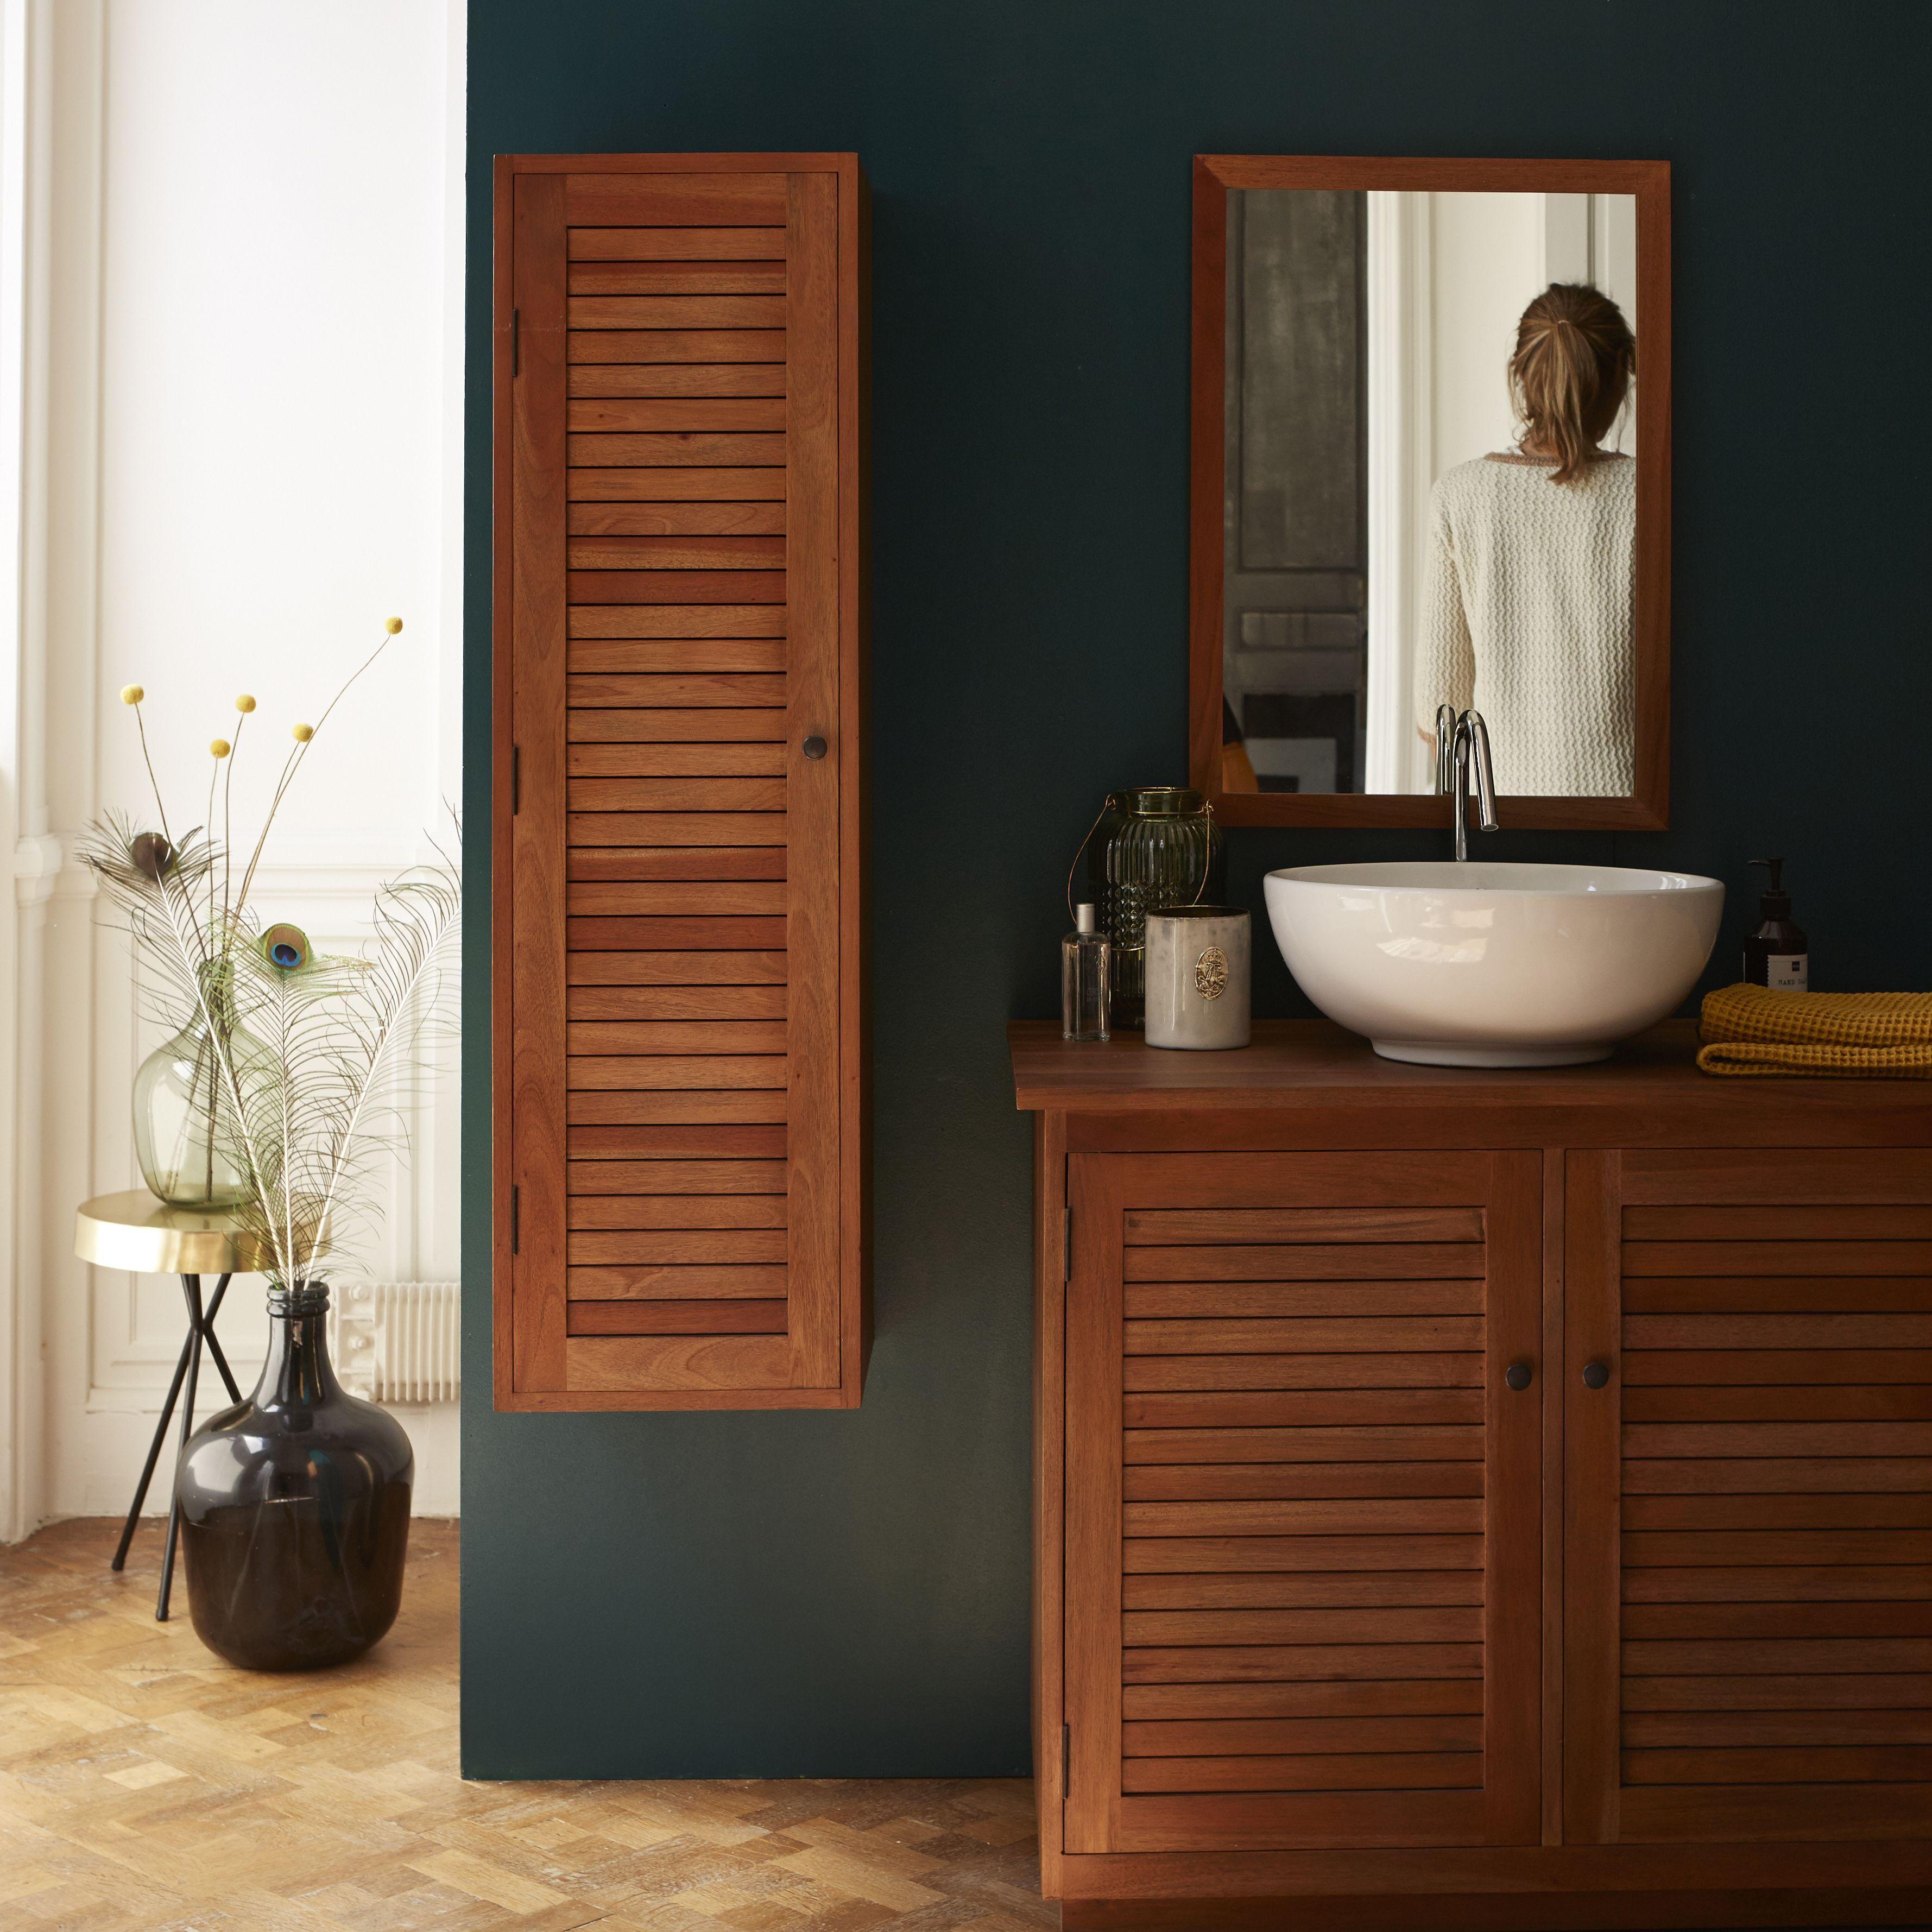 47+ Salle de bain avec loggia inspirations